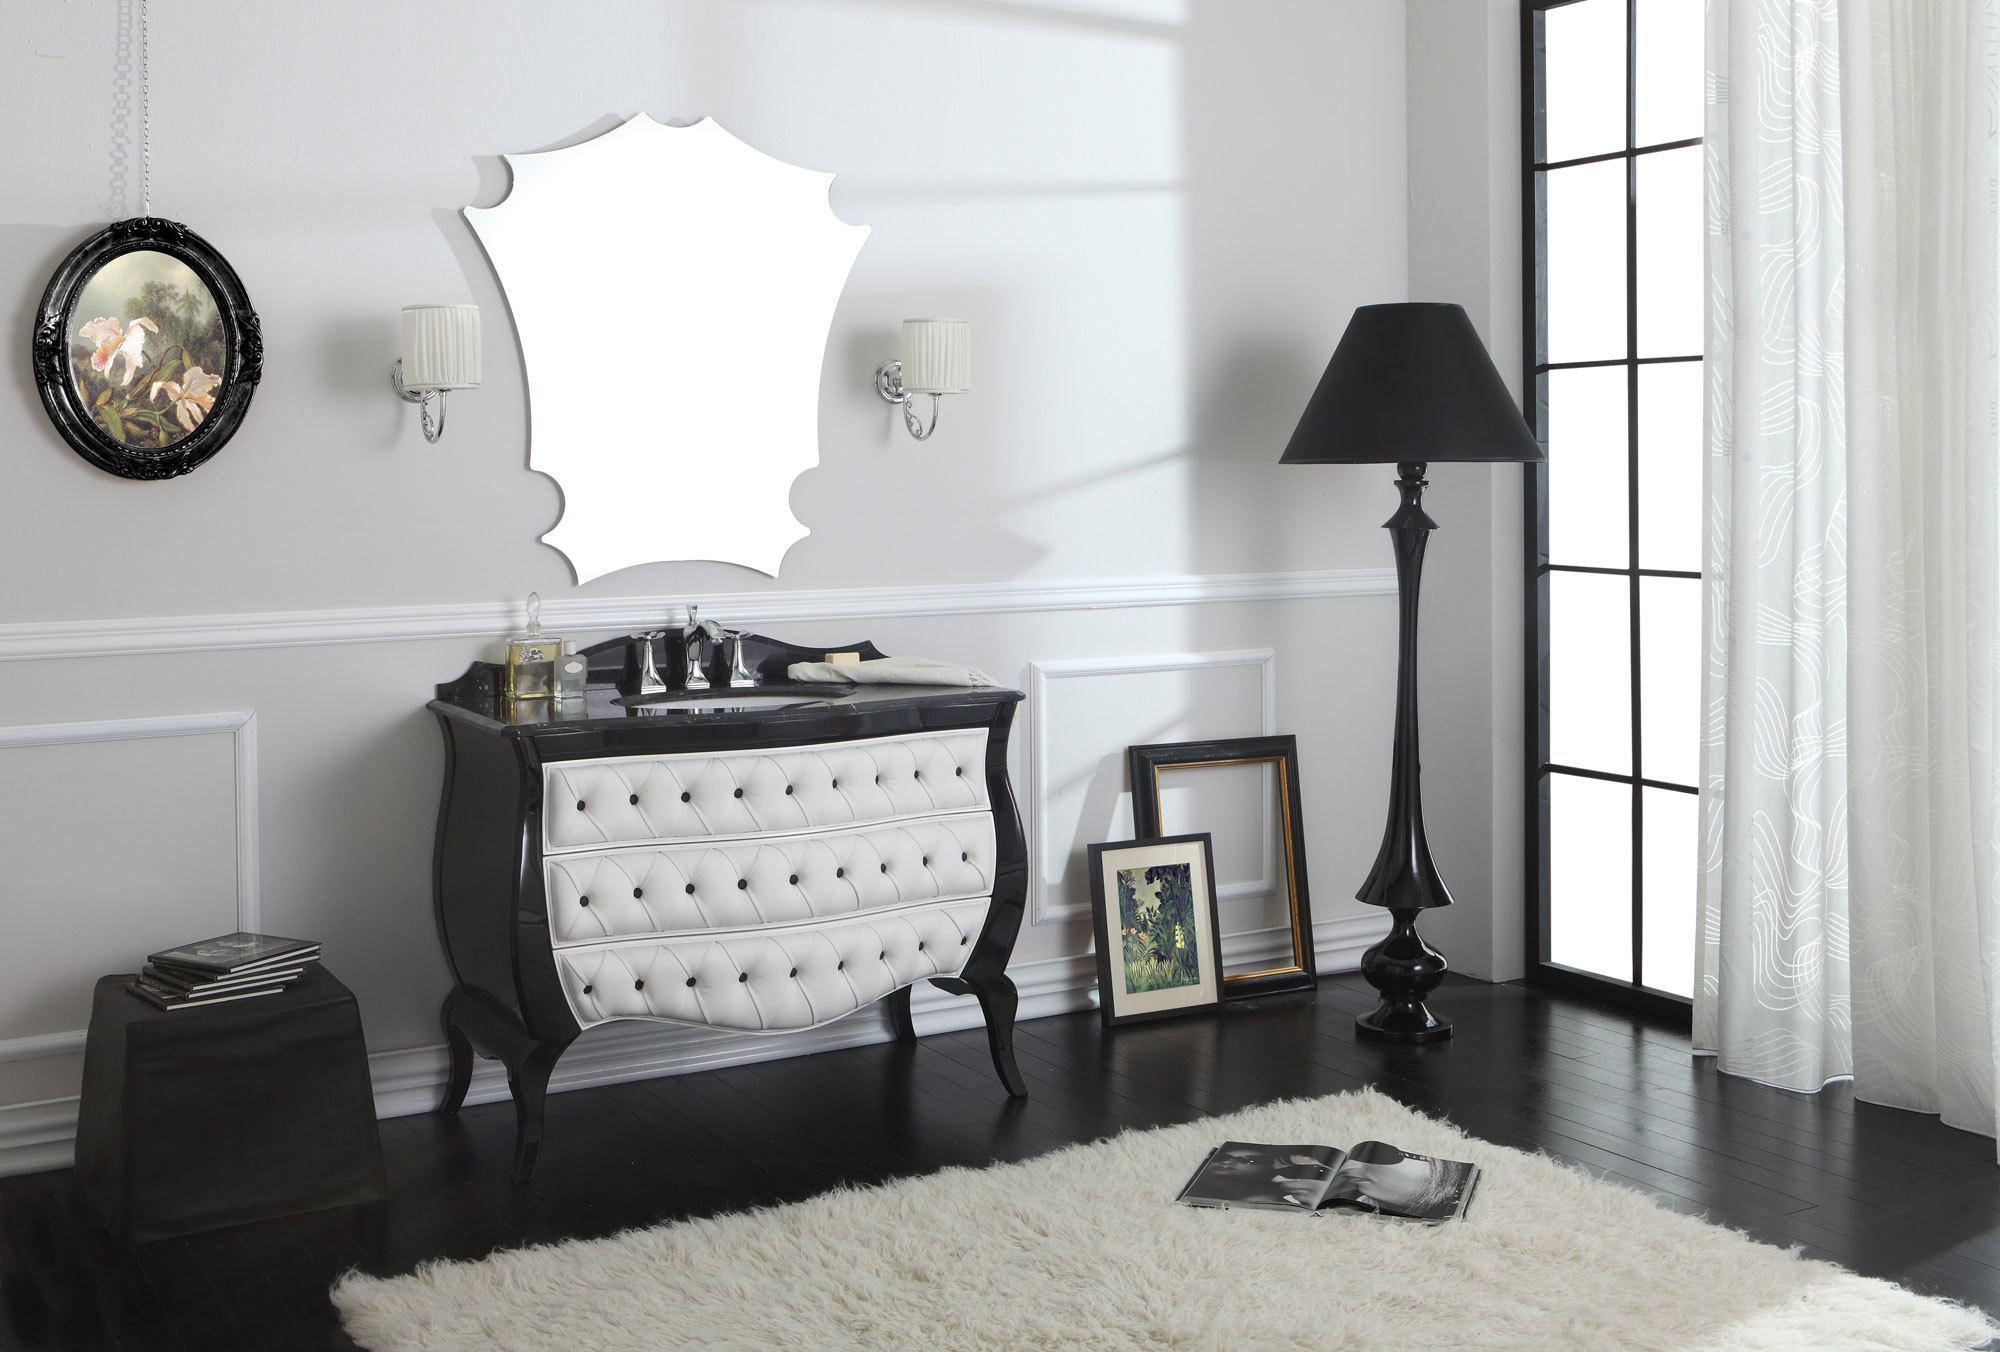 Придайте своей мебели добротный и шикарный вид при помощи мебельных обивочных гвоздей.